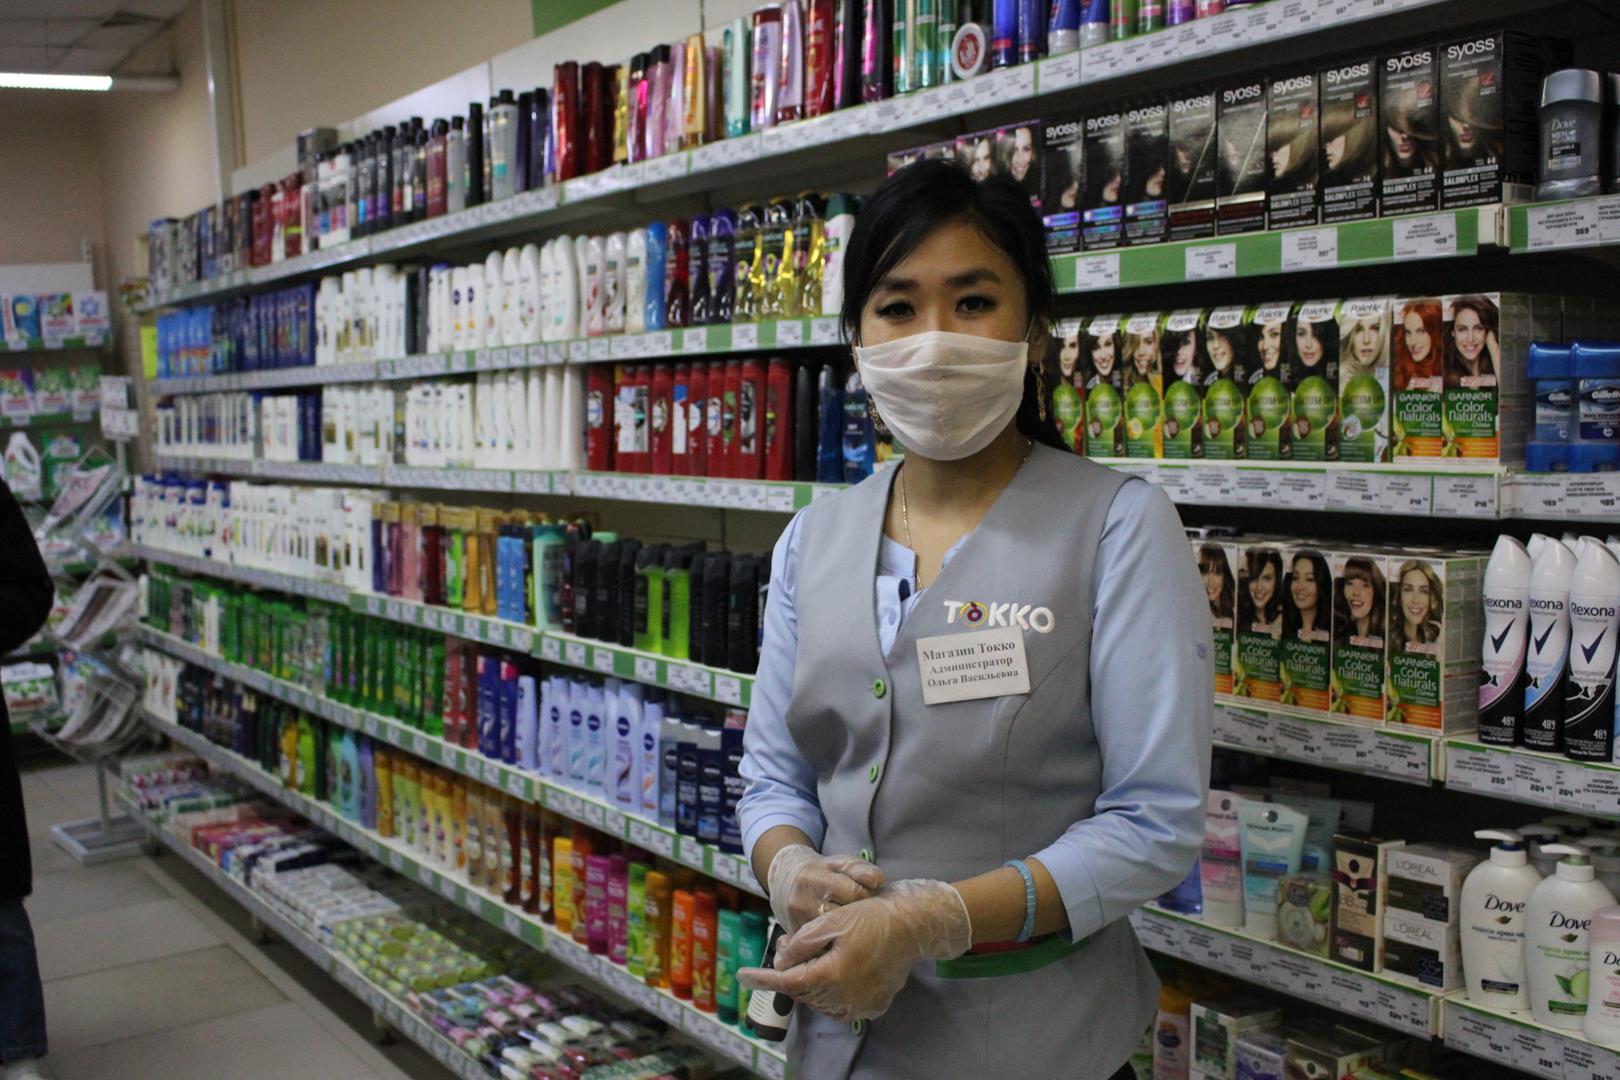 Администратор сообщила, что все меры в торговых залах соблюдаются